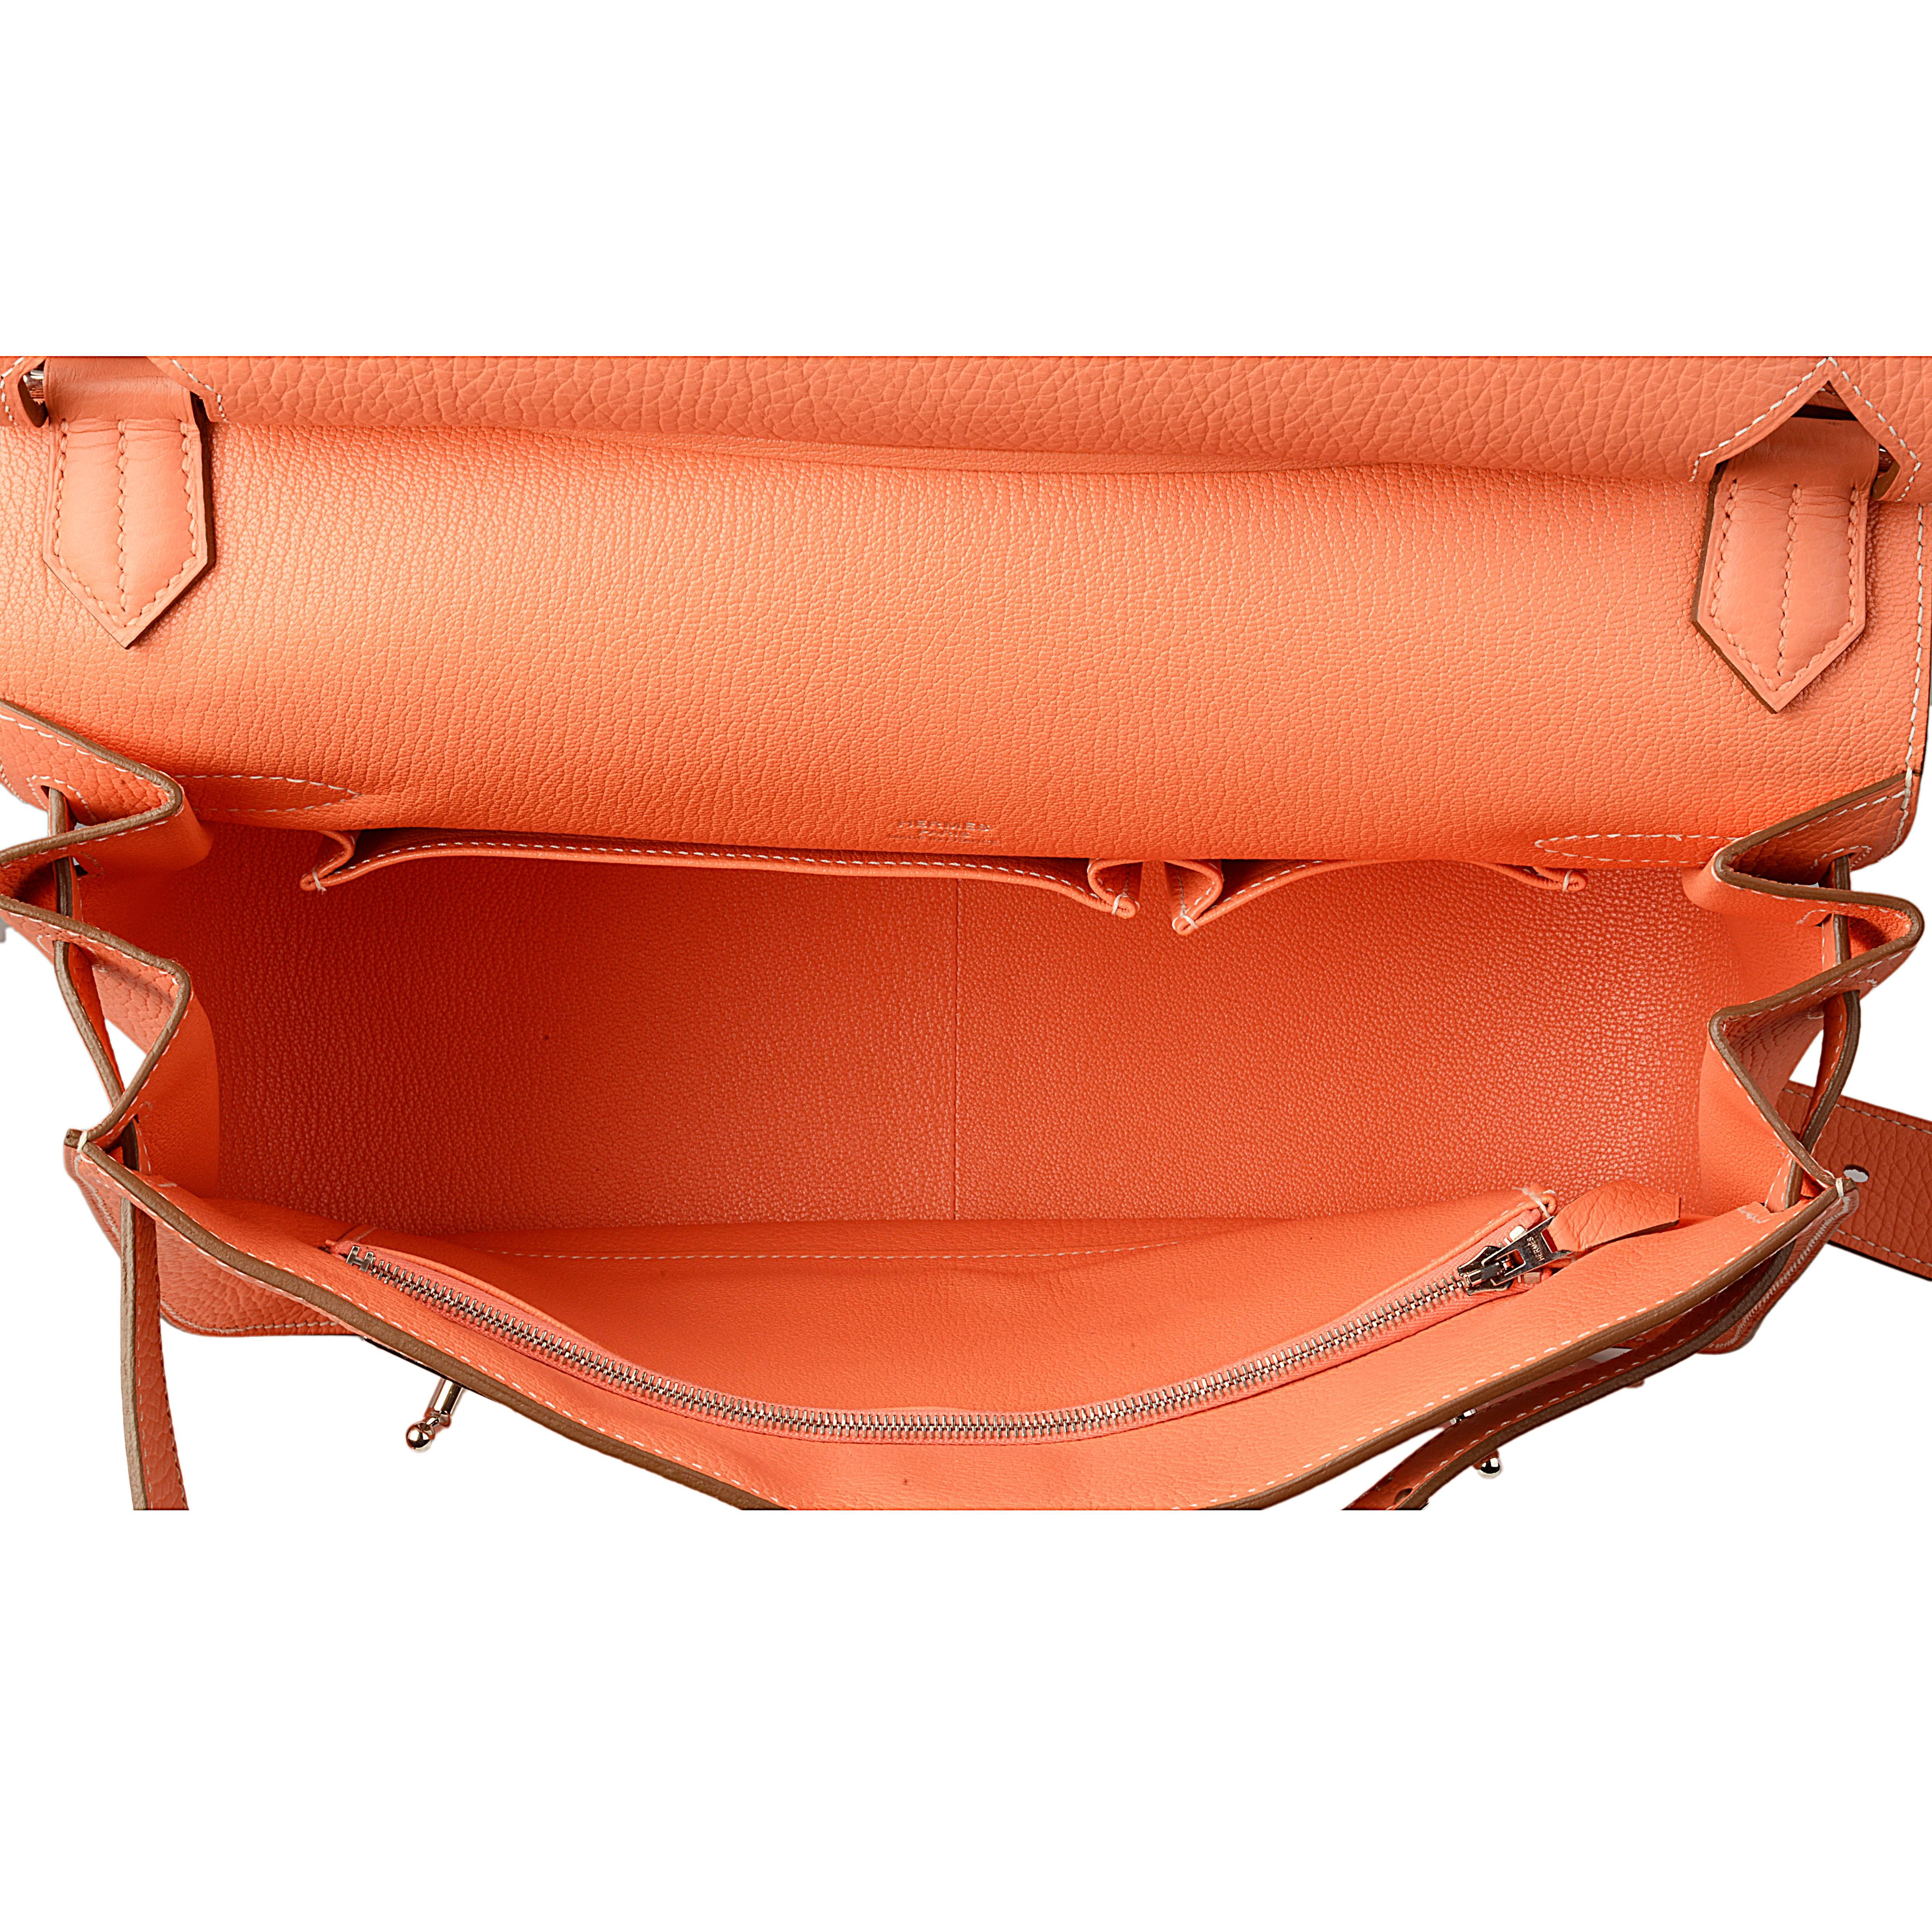 463811d766bf ... sweden hermes birkin gold 35cm togo leather bag at 1stdibs e6ce4 e2847